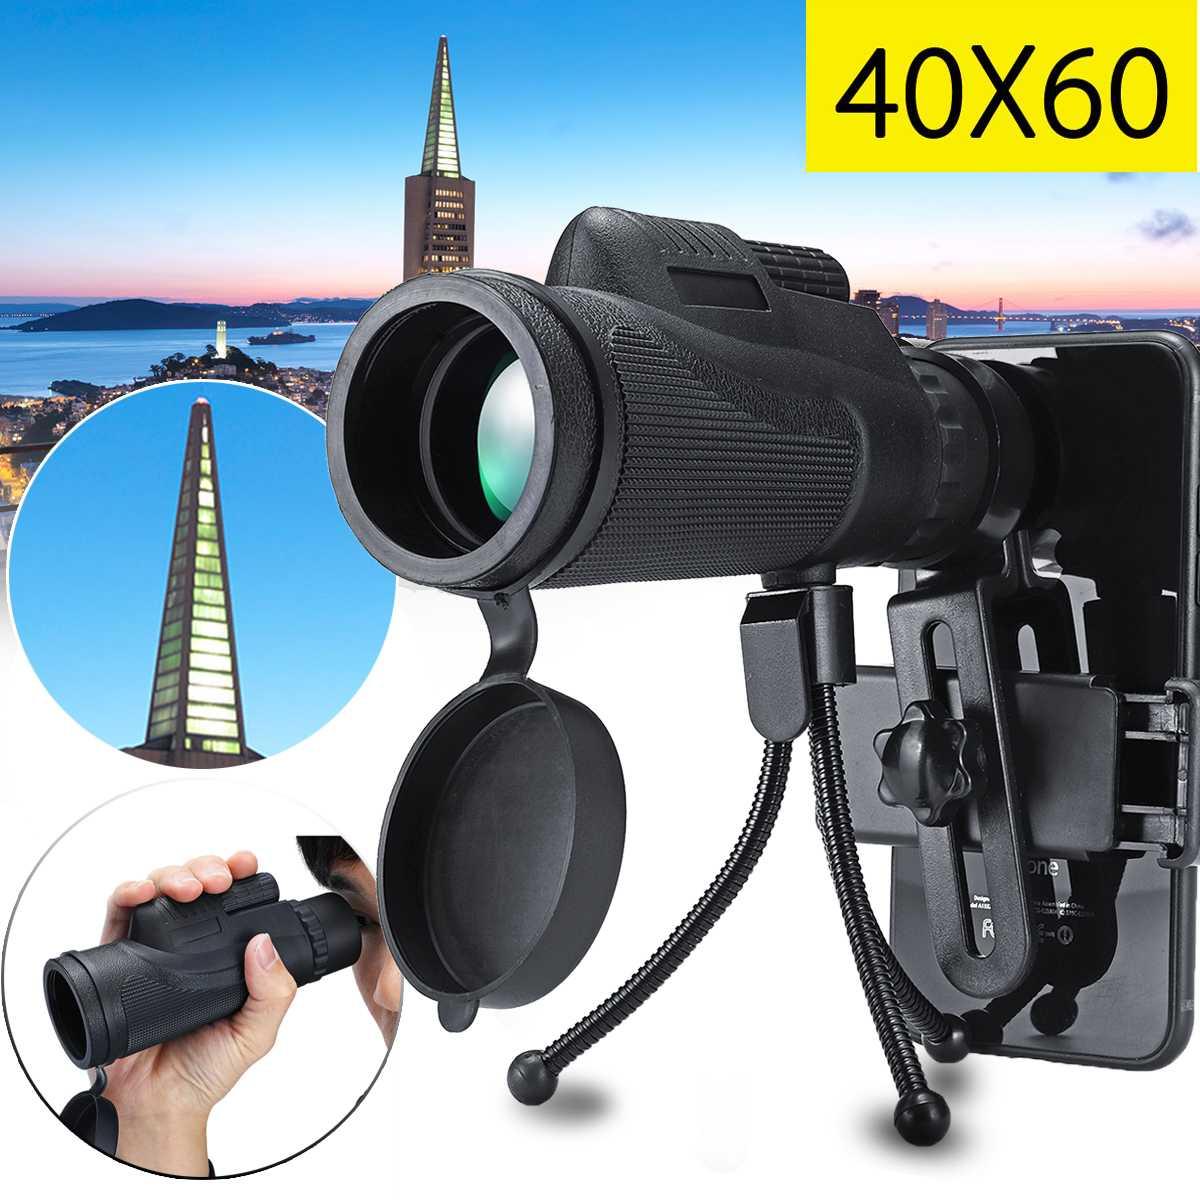 40X60 teléfono lente telescopio Smartphone Monocular telescopio alcance Cámara Camping senderismo pesca con teléfono móvil trípode con Clip